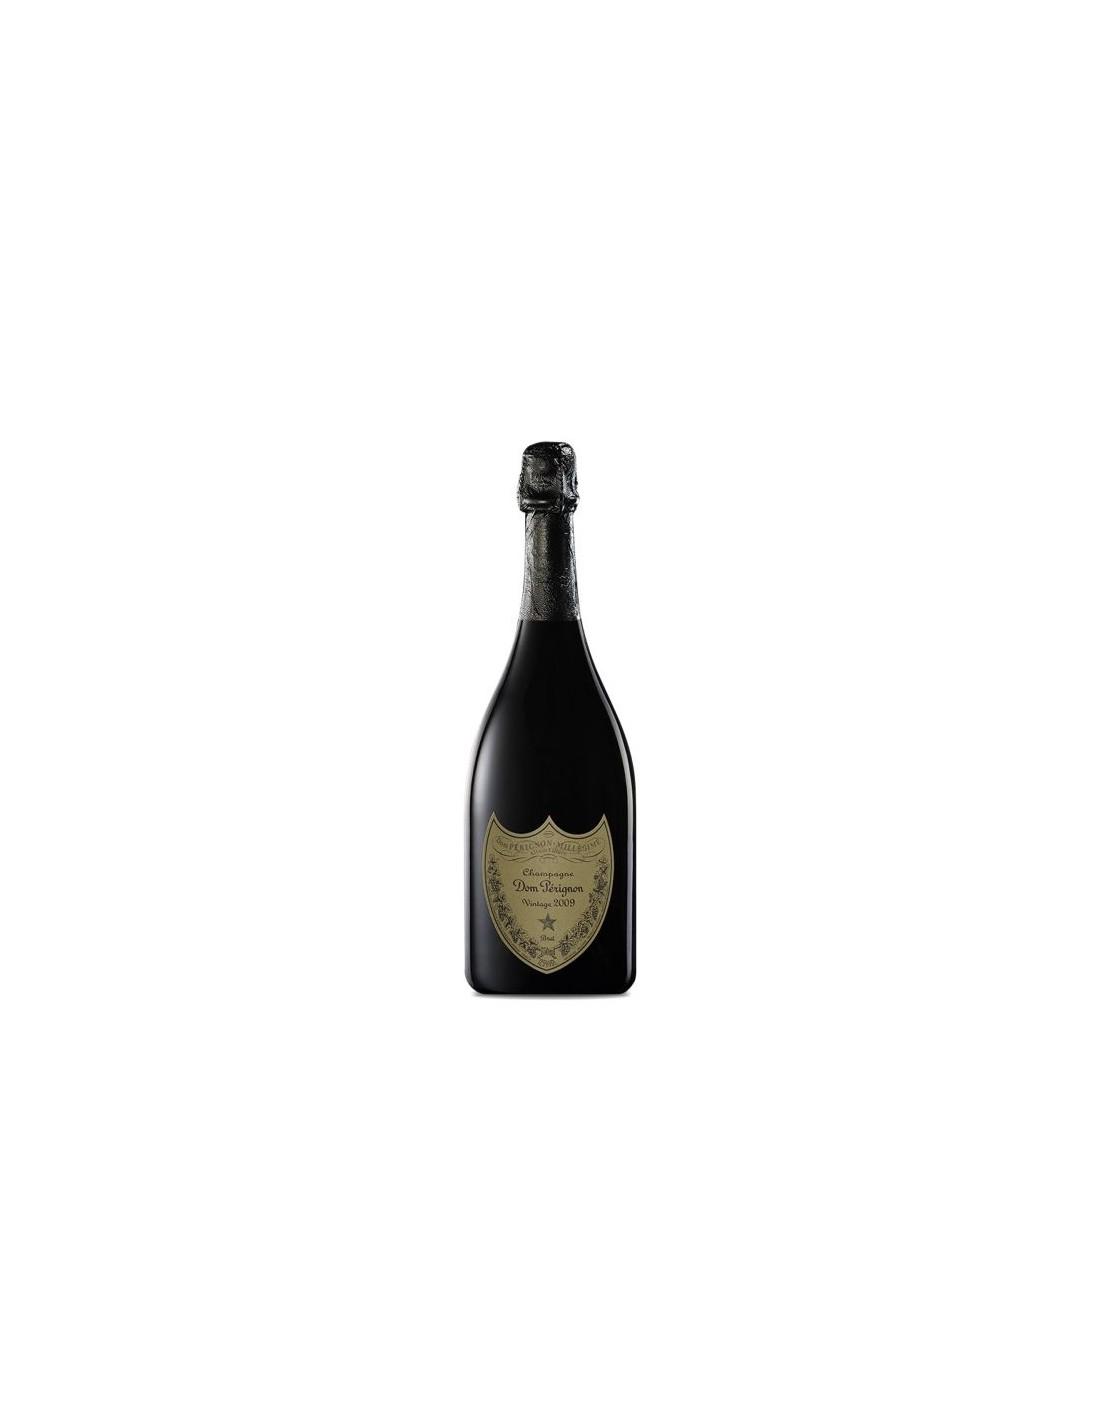 Sampanie, Dom Perignon Champagne, 0.75L, 12.50% alc., Franta